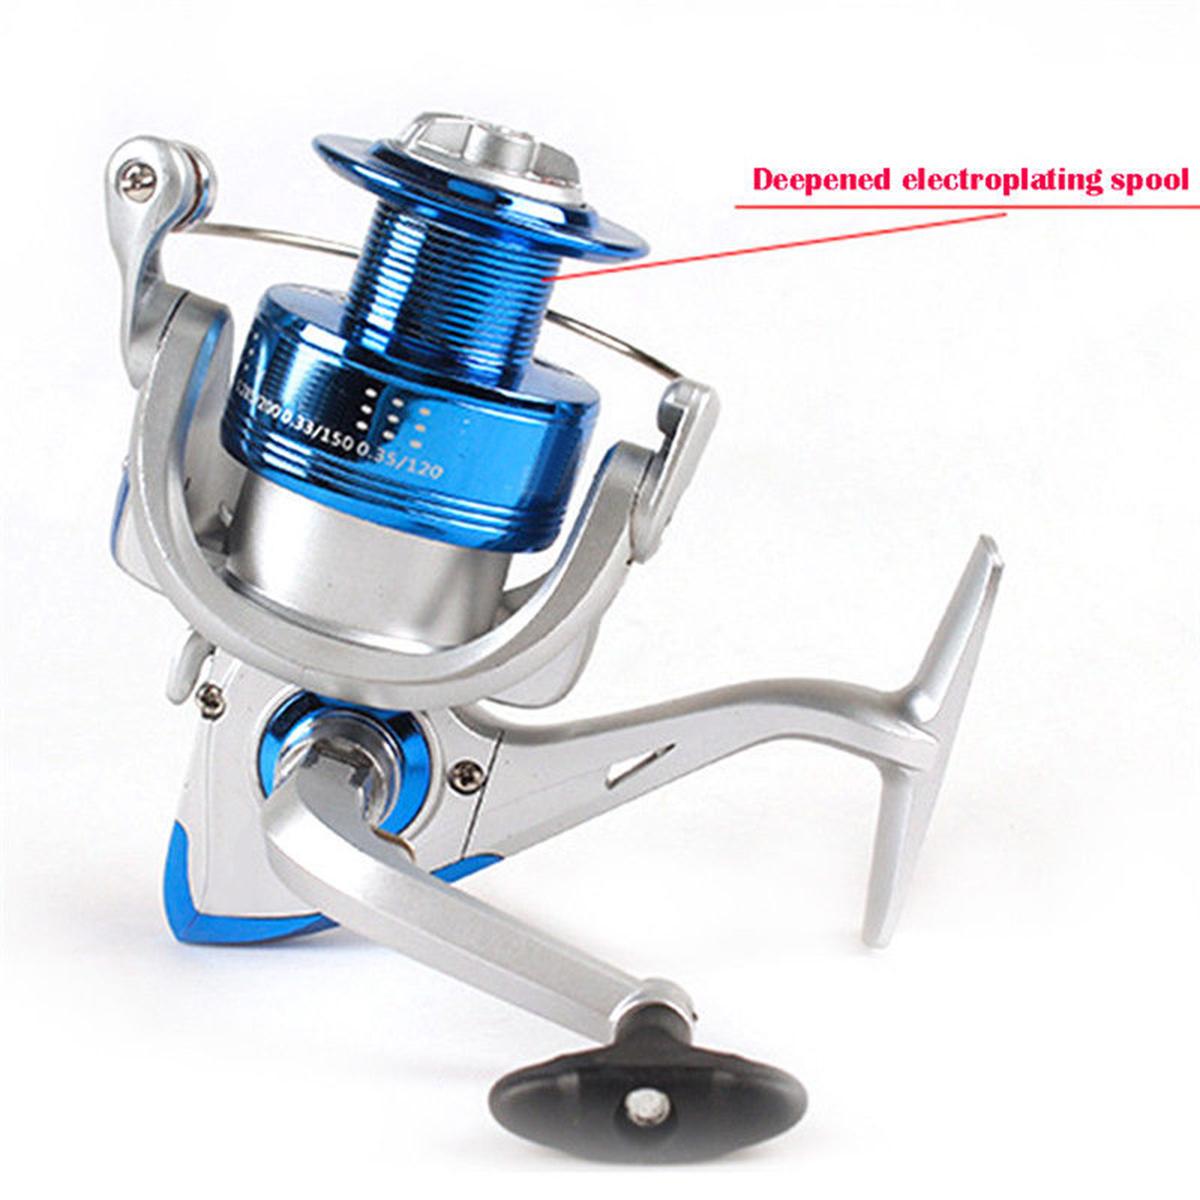 ZANLURE CF1000-7000 5.2:1 12BB Metal Spinning Fishing Reel Saltwater Freshwater Fishing Wheel